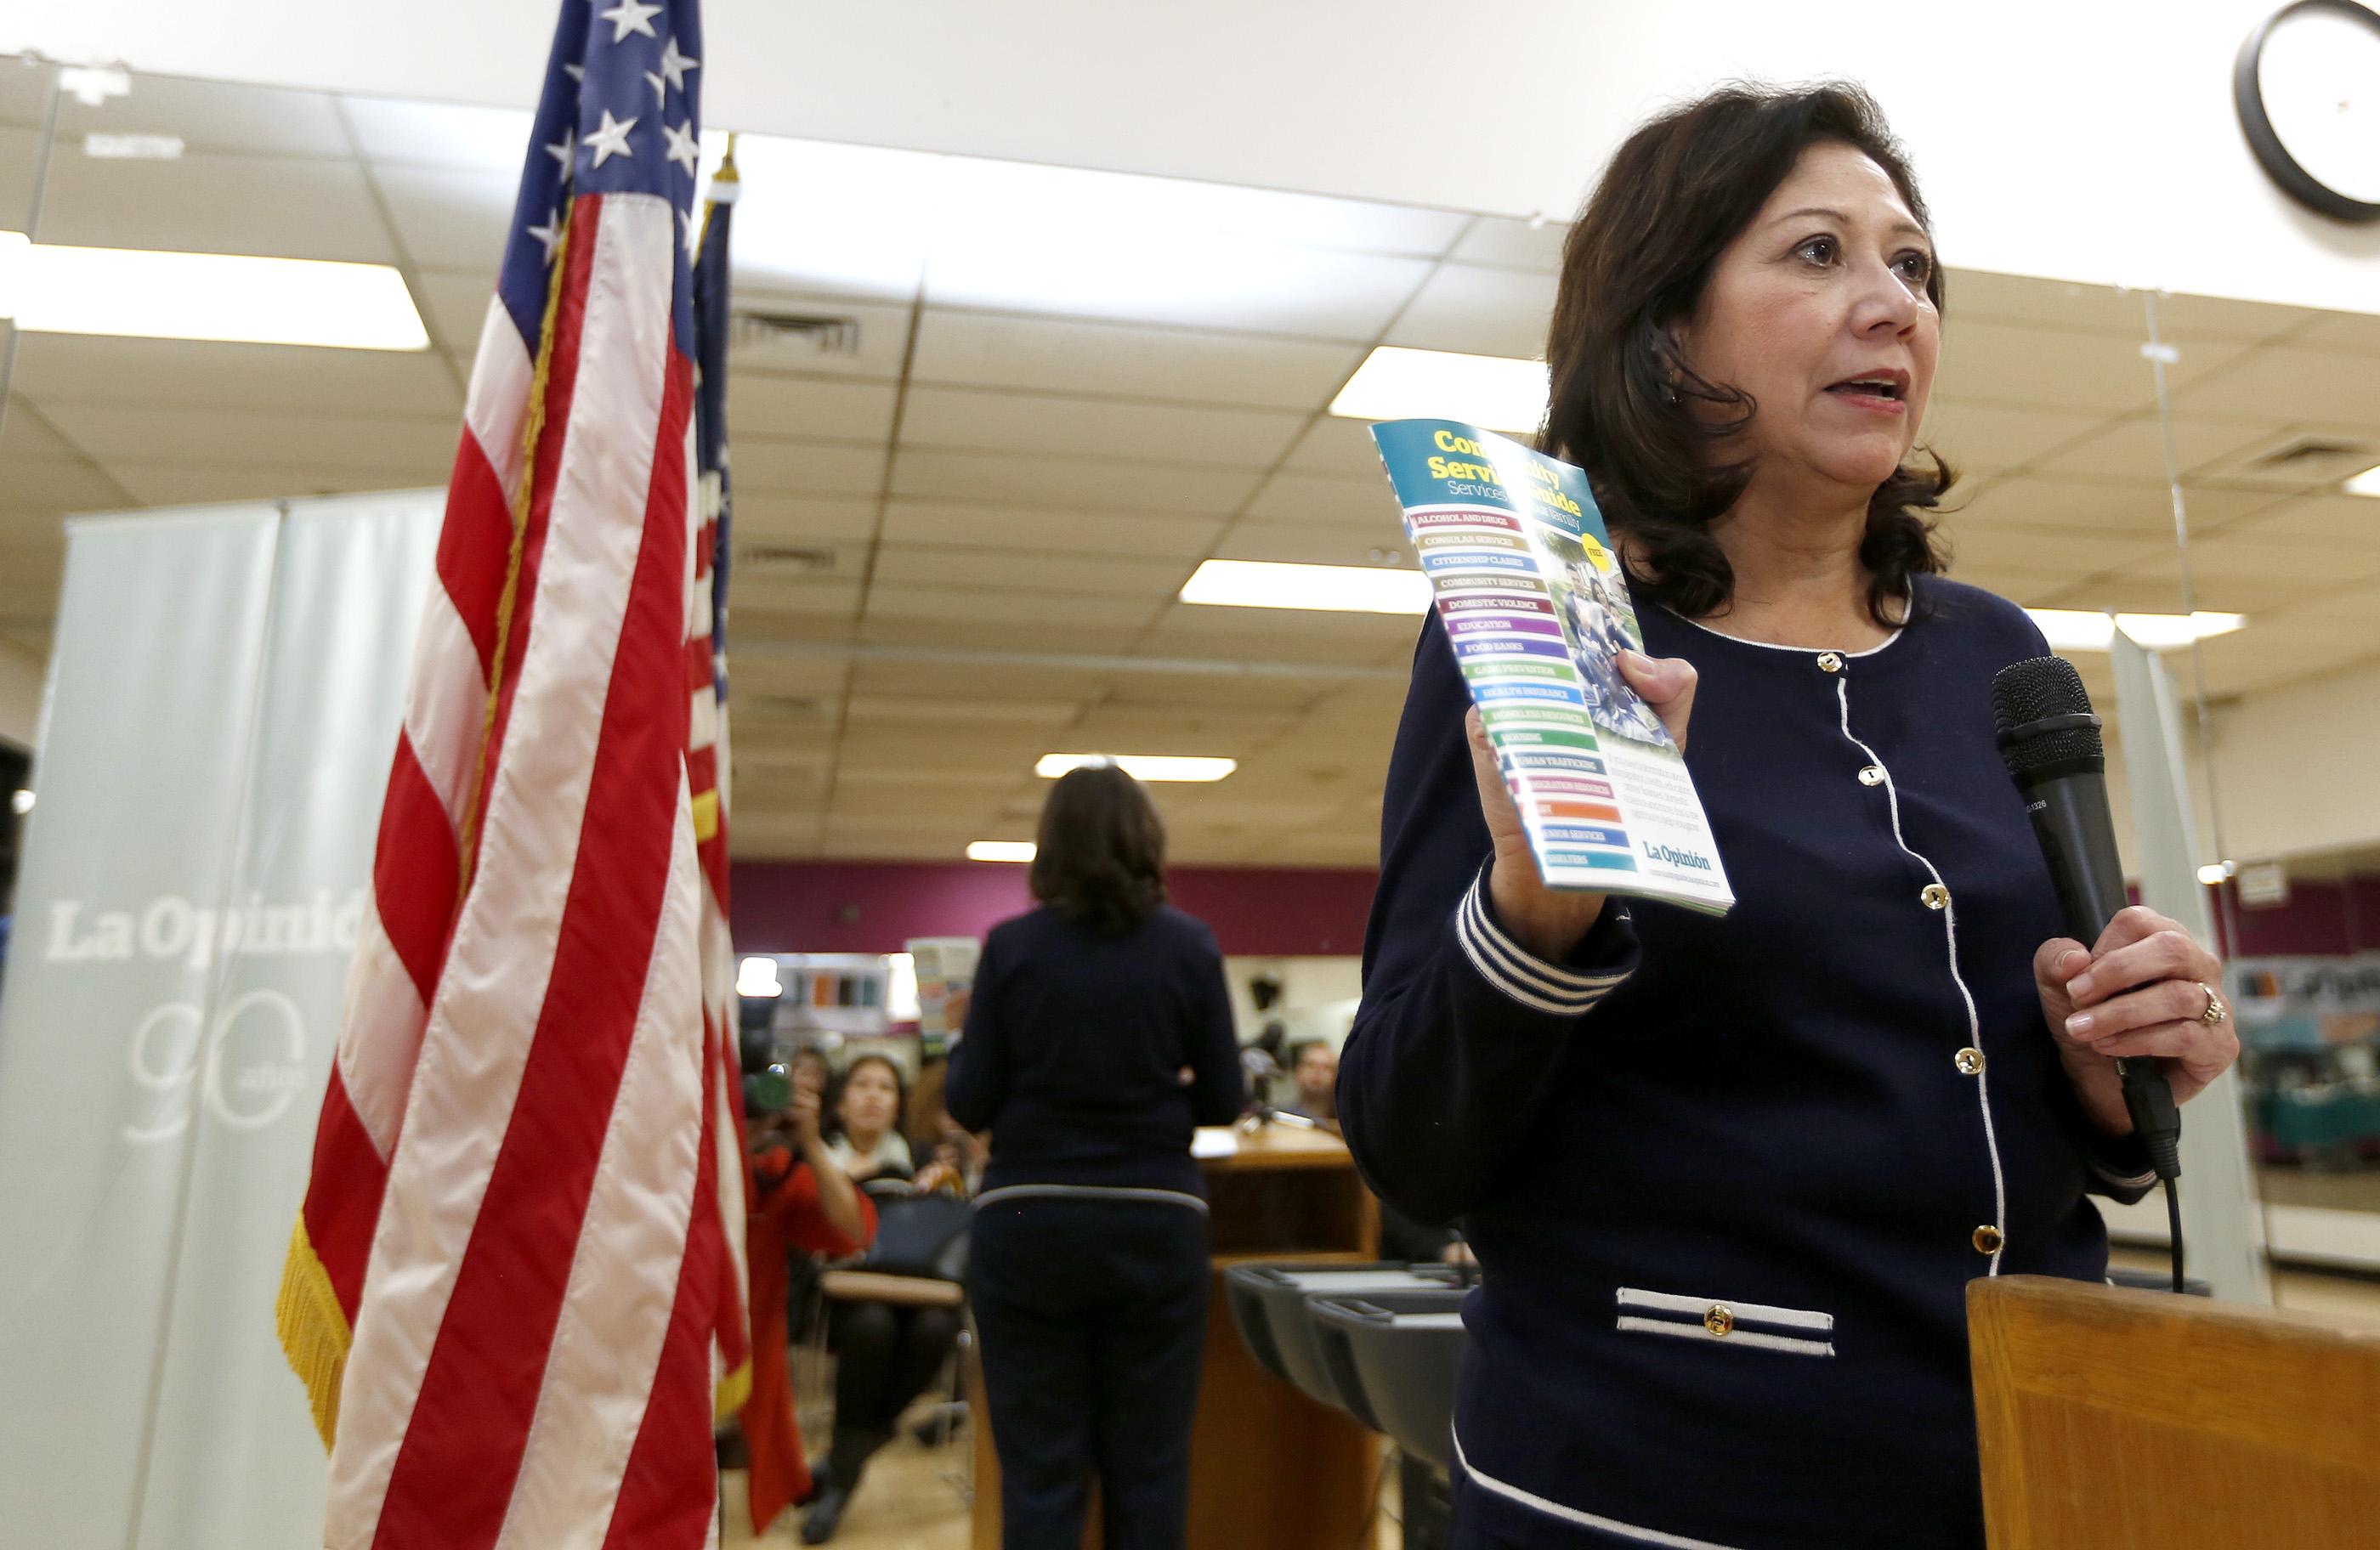 La Supervisora Hilda Solís afirma que la guía servirá para informar a la comunidad de los servicios que proporciona el condado (Foto: Aurelia Ventura/La Opinión)